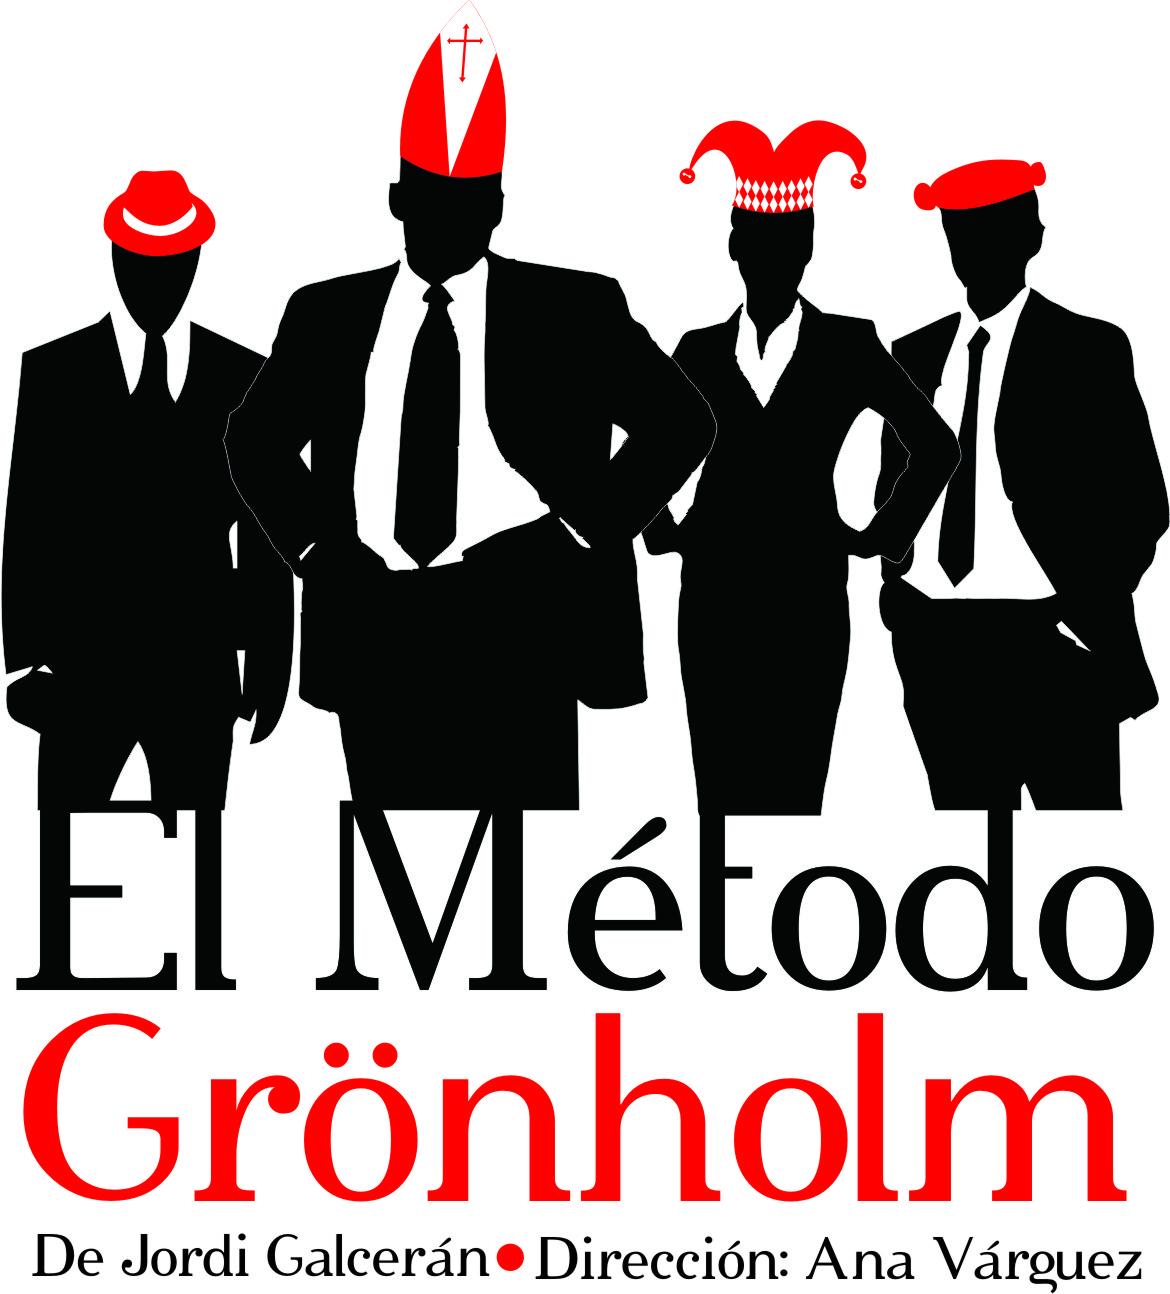 el metodo gronholm: